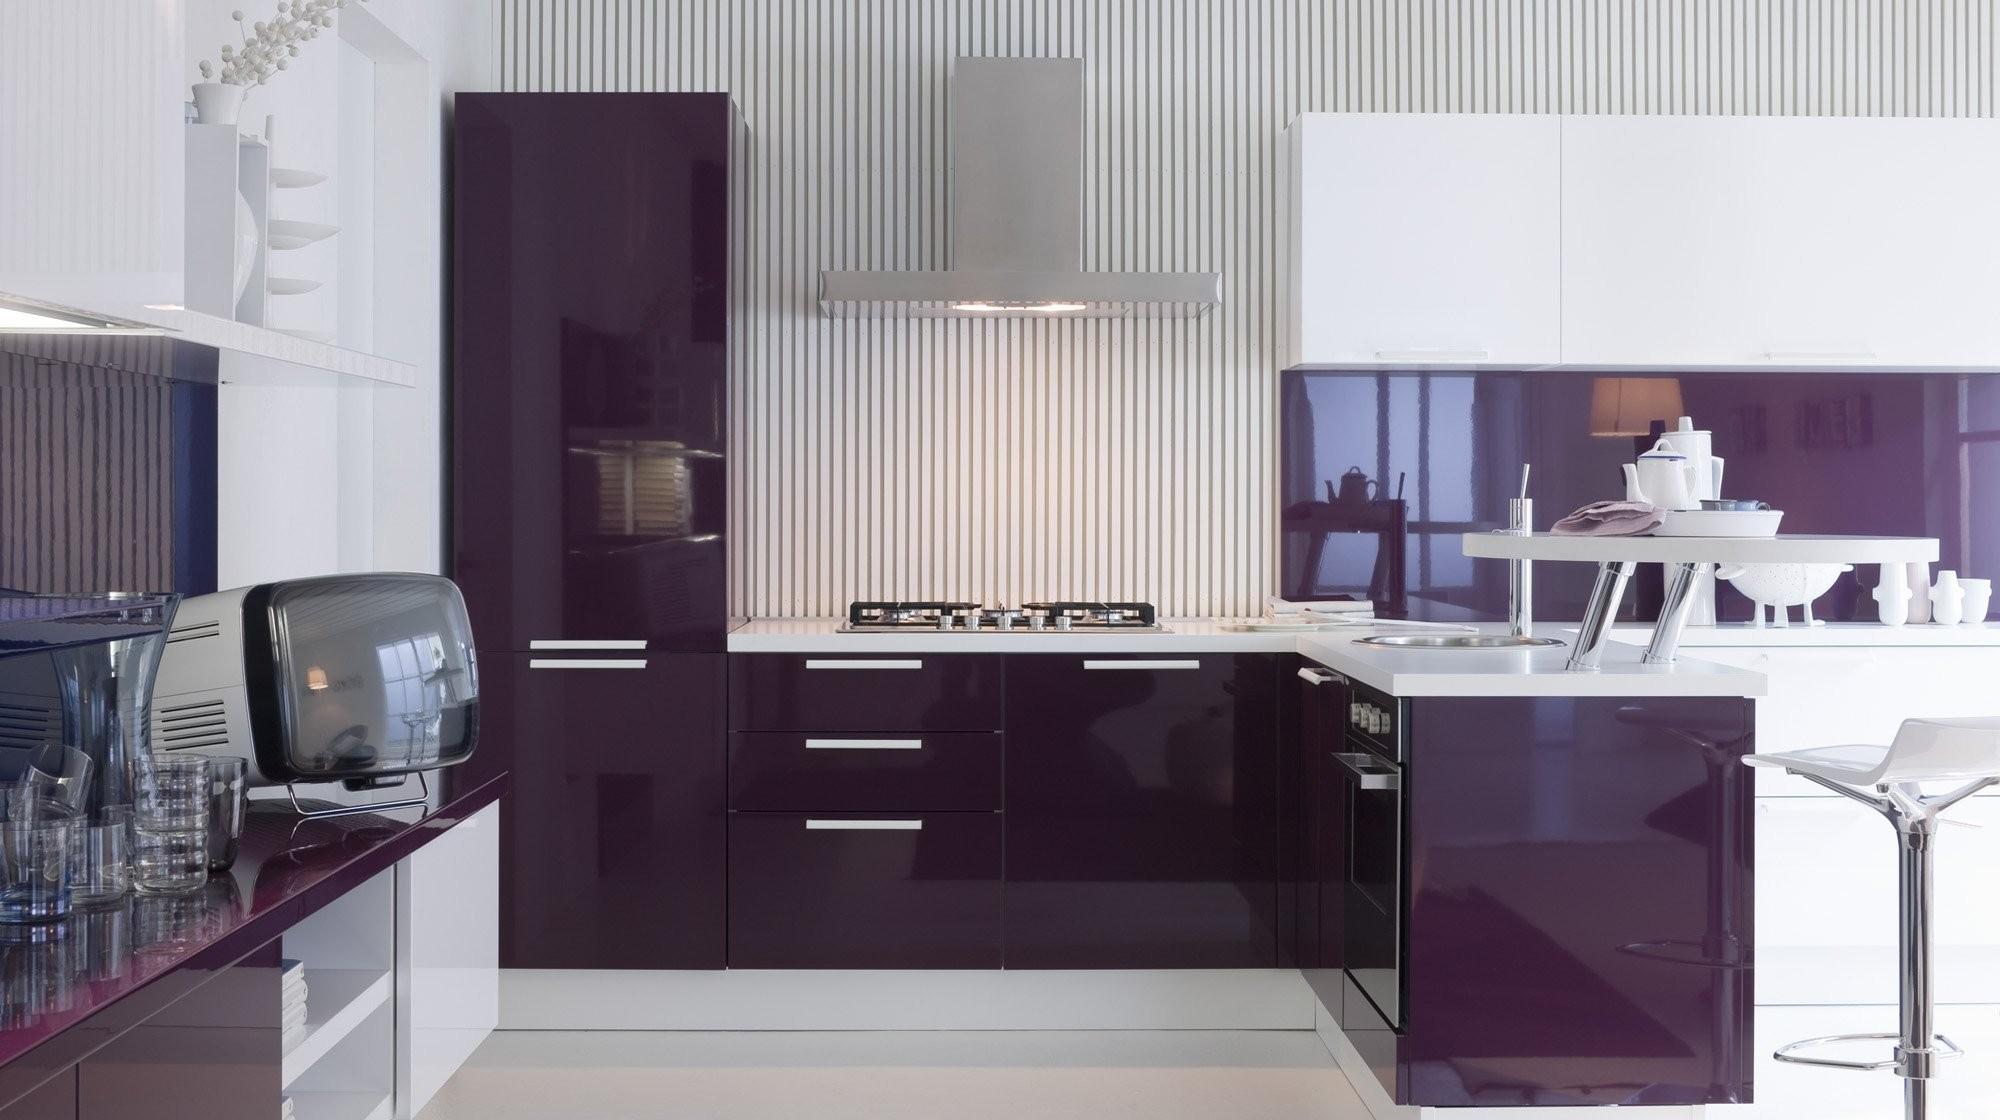 La teinte violette se retrouve plus souvent dans les cuisines modernes, qui se caractérisent par des surfaces brillantes et des couleurs riches et profondes.